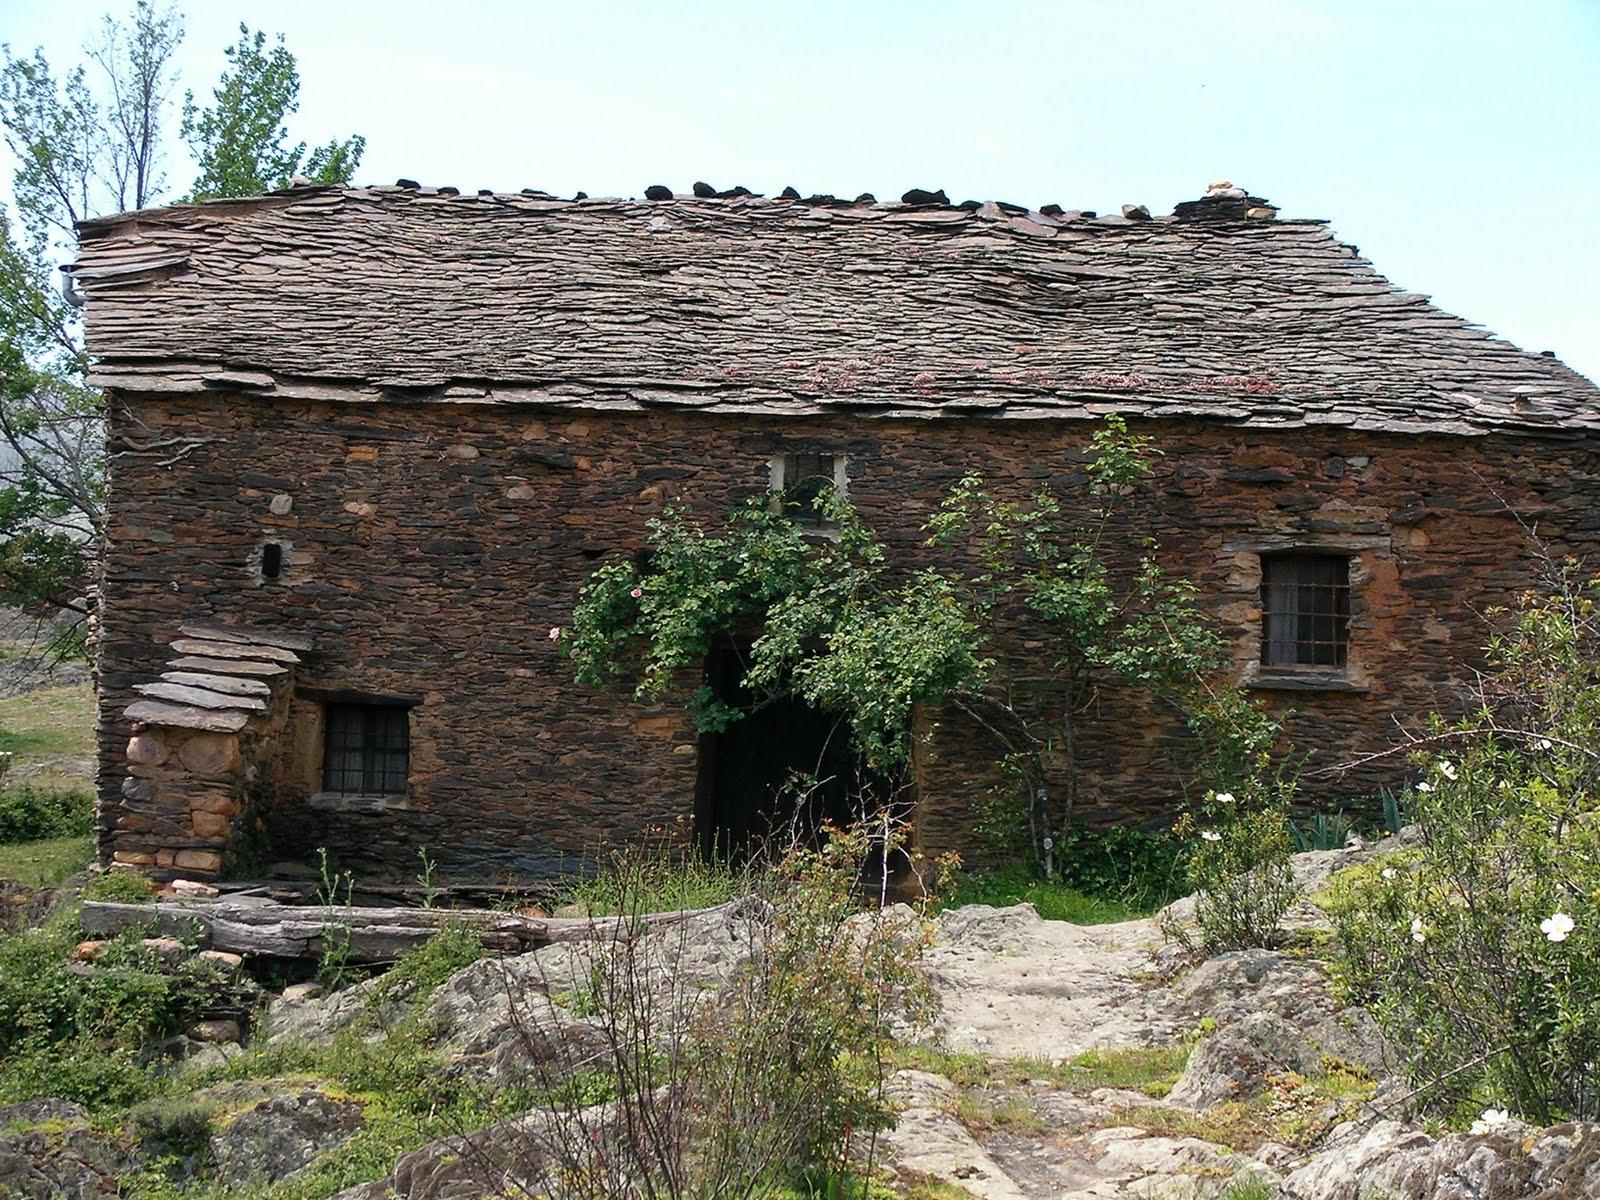 La vereda guadalajara la arquitectura negra de la - Casas de pueblo en guadalajara ...